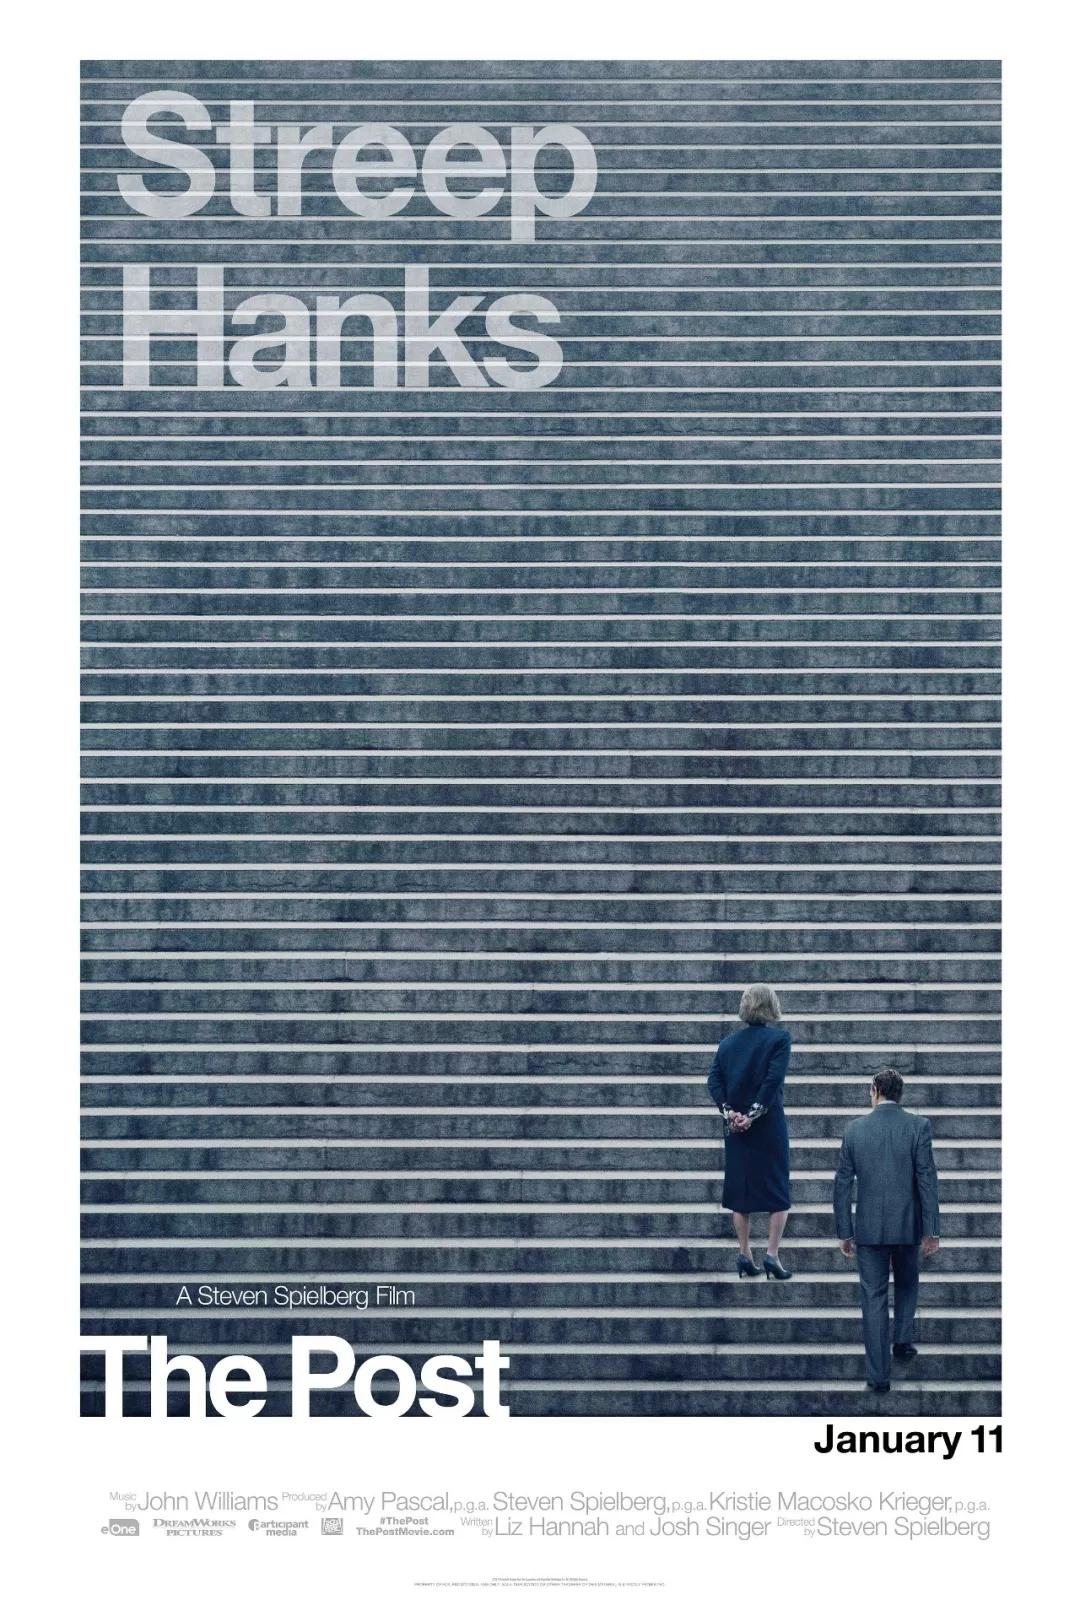 第90届奥斯卡金像奖获奖名单和电影海报欣赏